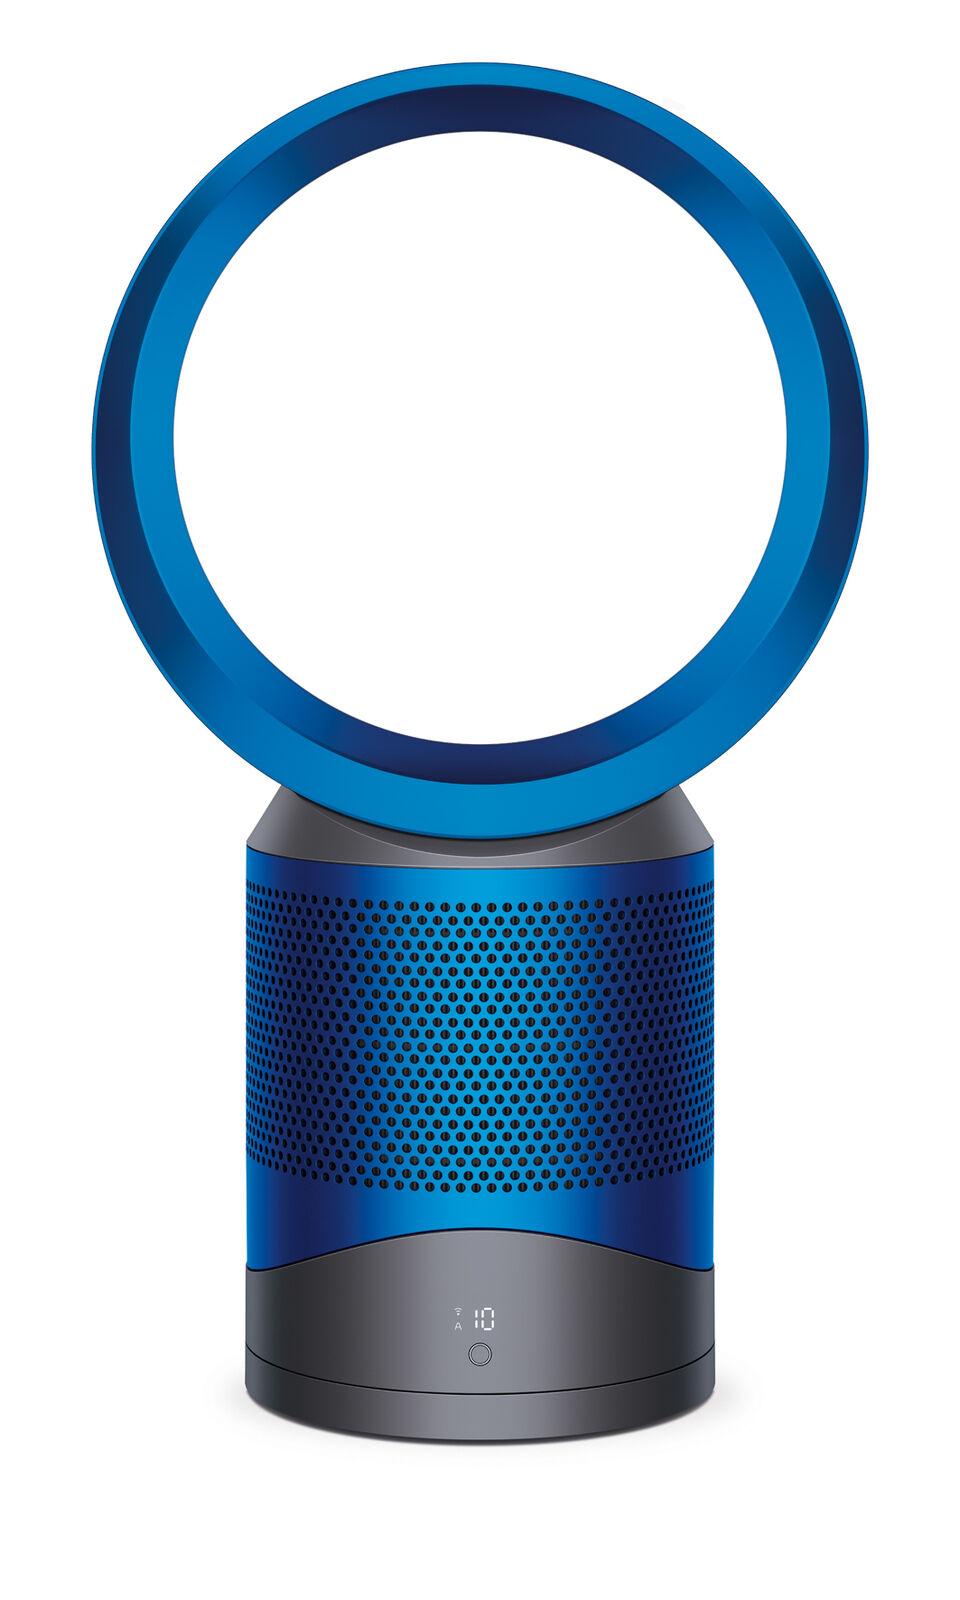 Purificateur d'air Dyson Pure Cool Link Desk - bleu